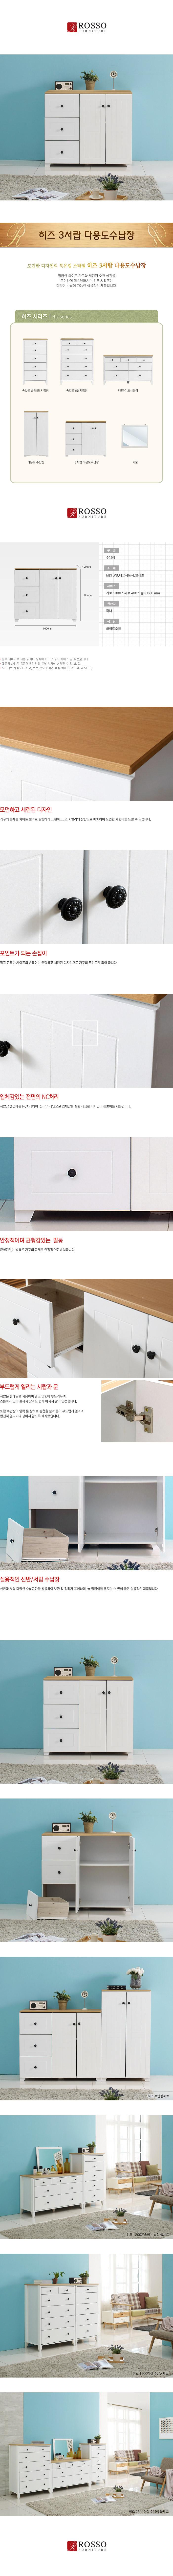 히즈 3서랍 다용도수납장 - 로쏘, 138,530원, 수납/선반장, 수납장